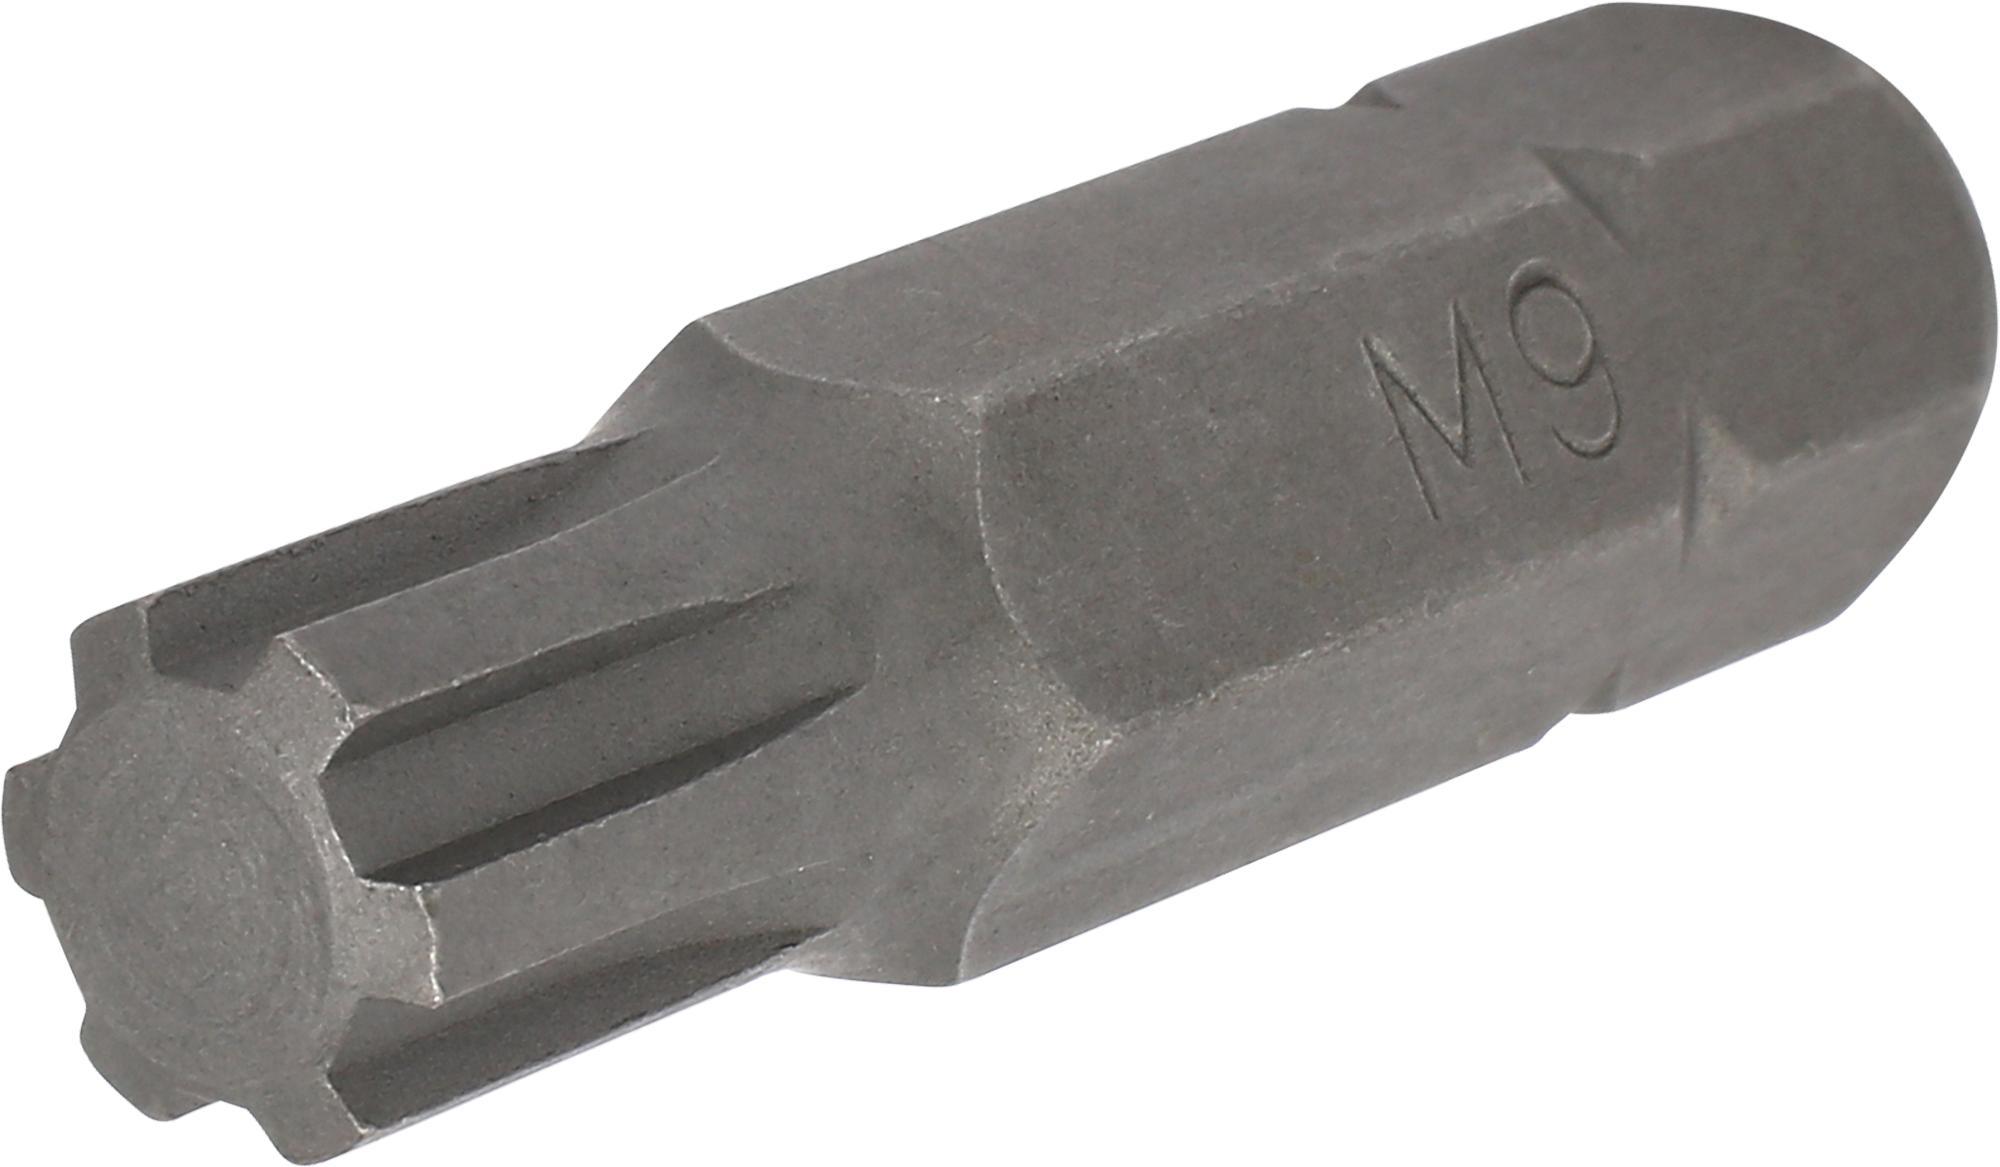 Bit, 10 mm 6-hran, Keilnut M9x40 mm